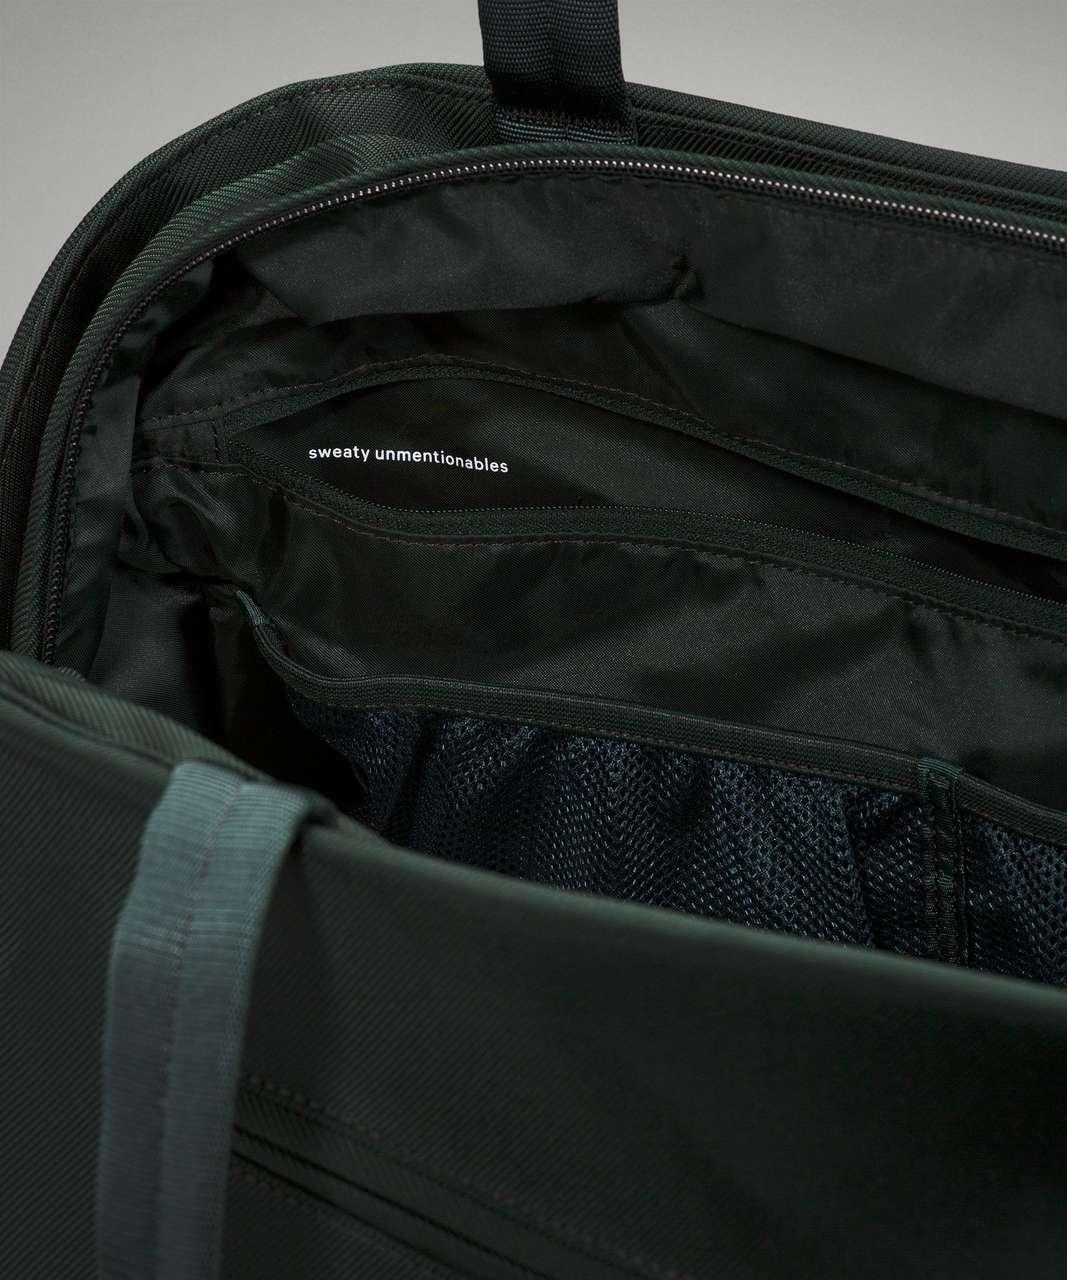 Lululemon Go Getter Bag 2.0 25L - Rainforest Green